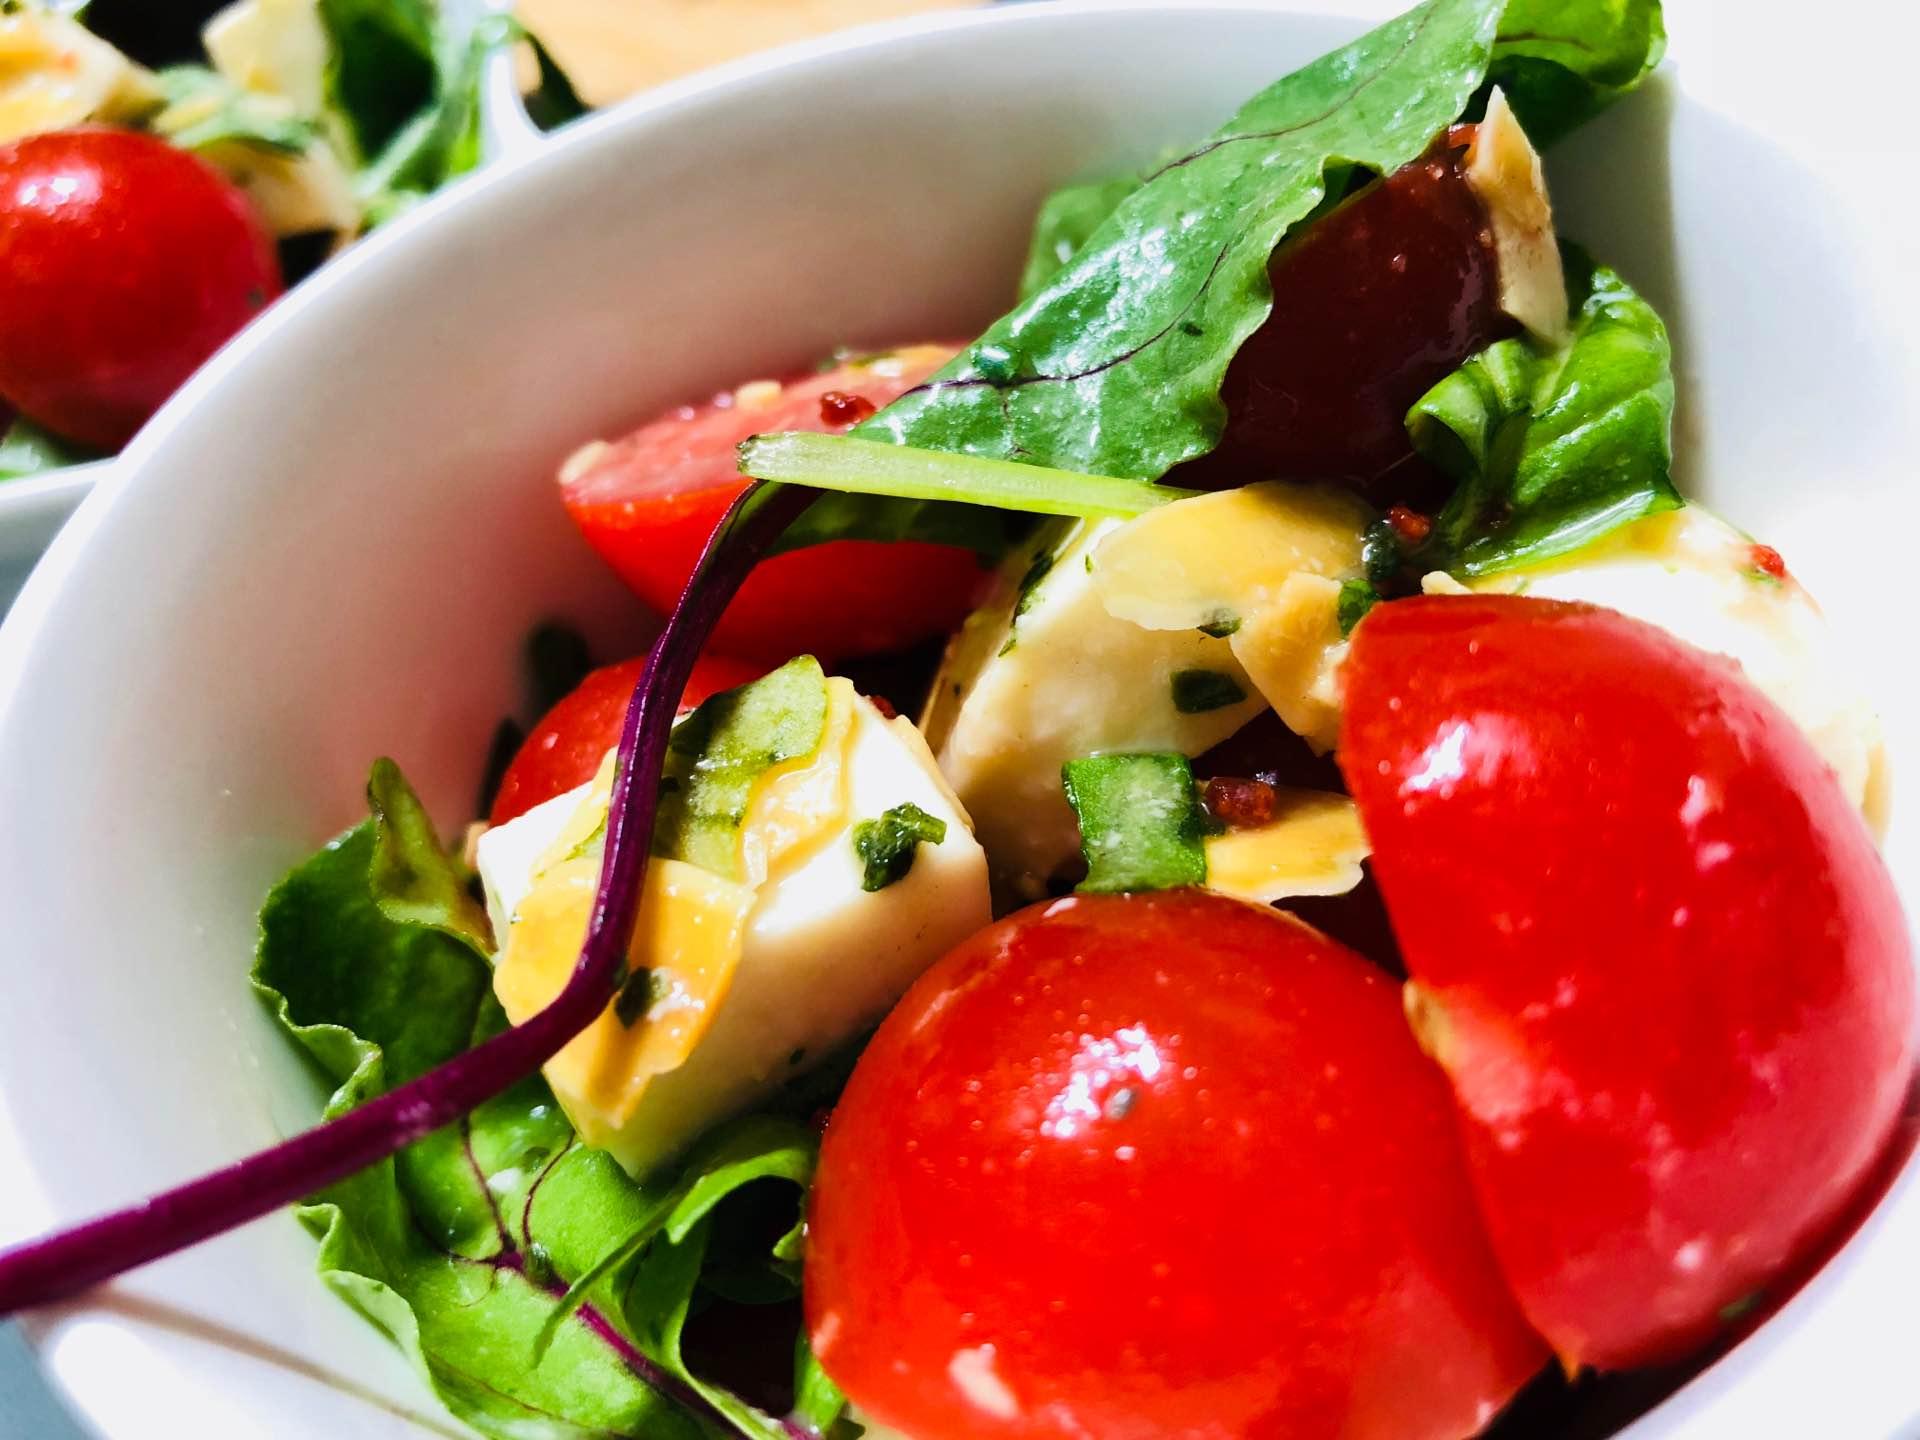 モッツァレラ、ミニトマト、ベビーリーフ、サラダ。 https://t.co/VLnHMA75Bn